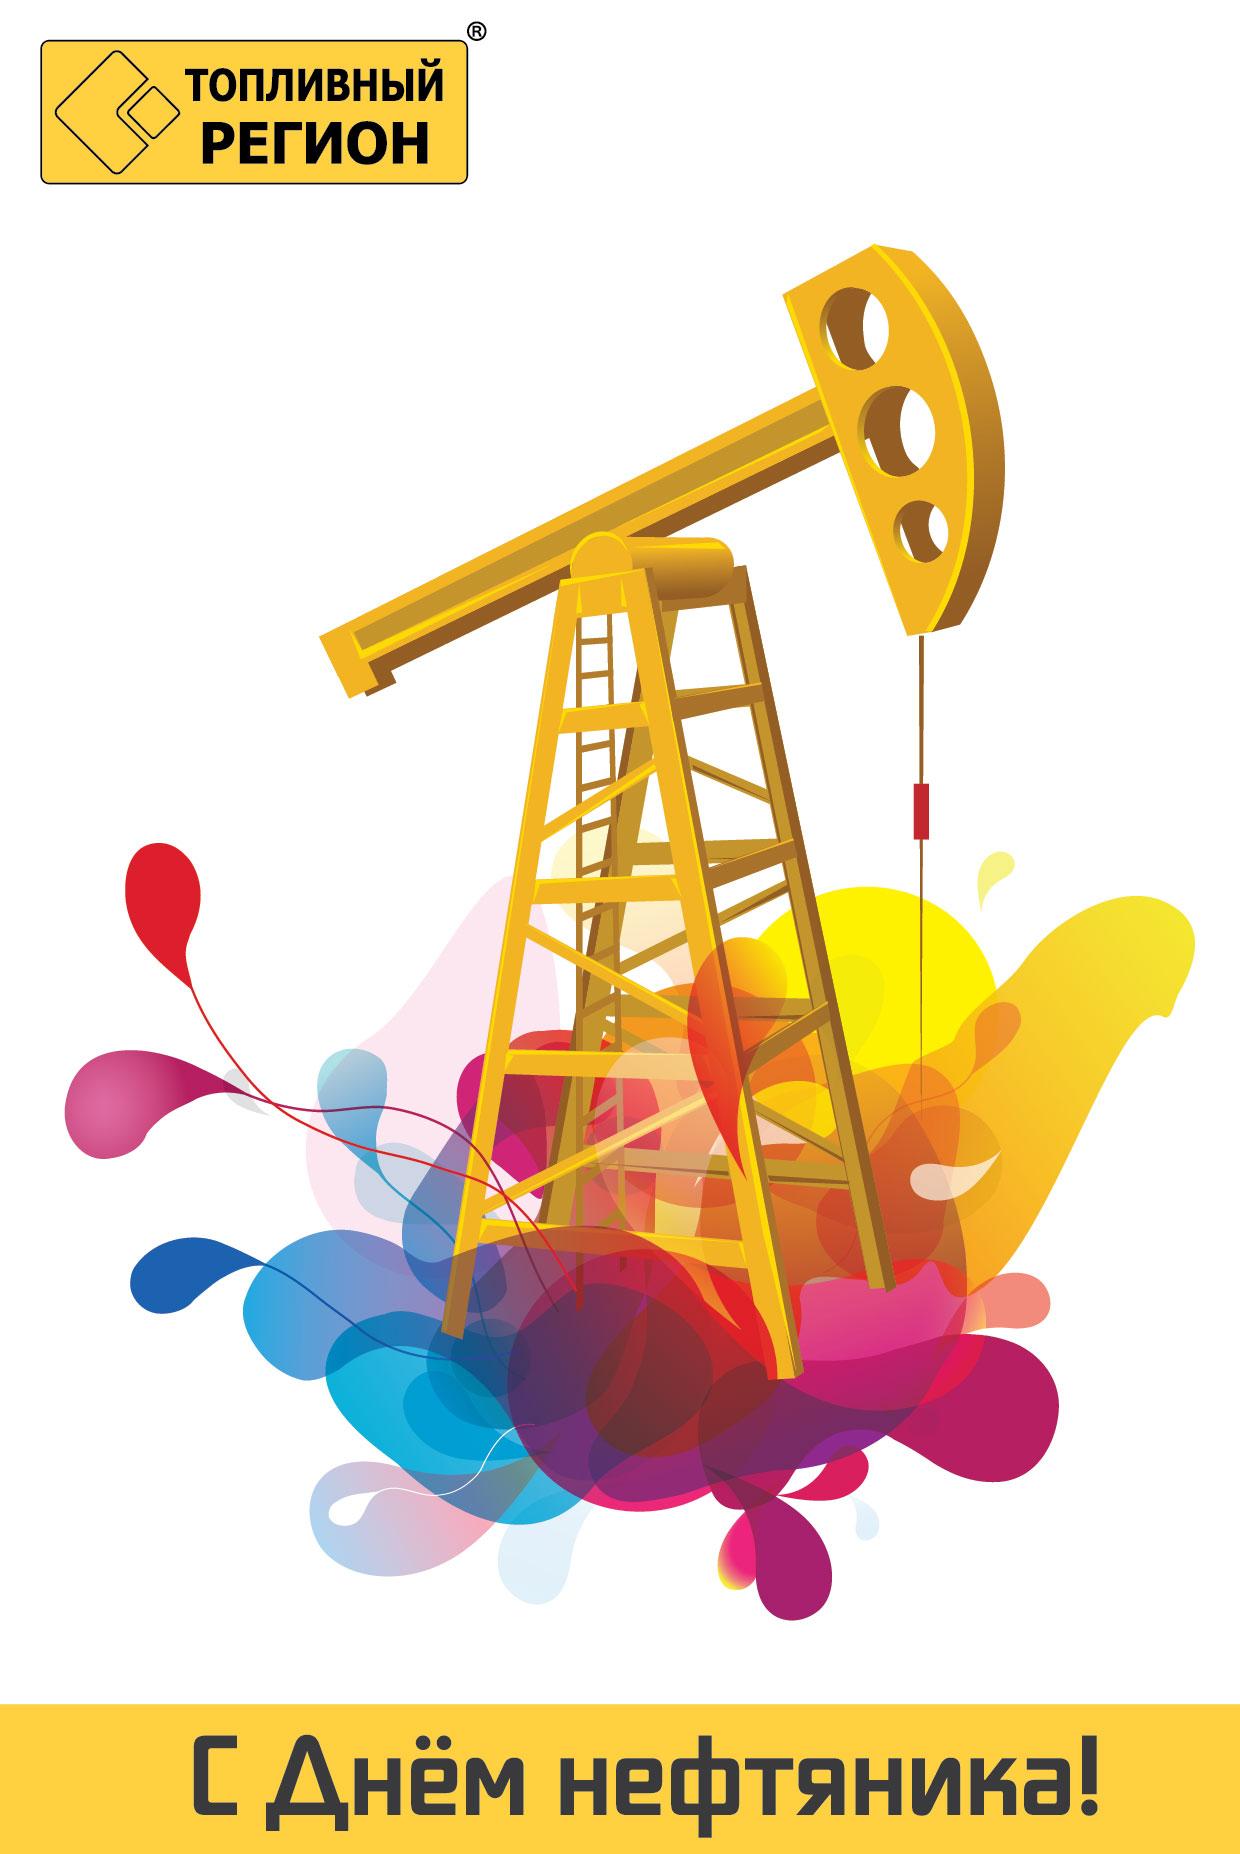 Поздравления с днем нефтяников фото